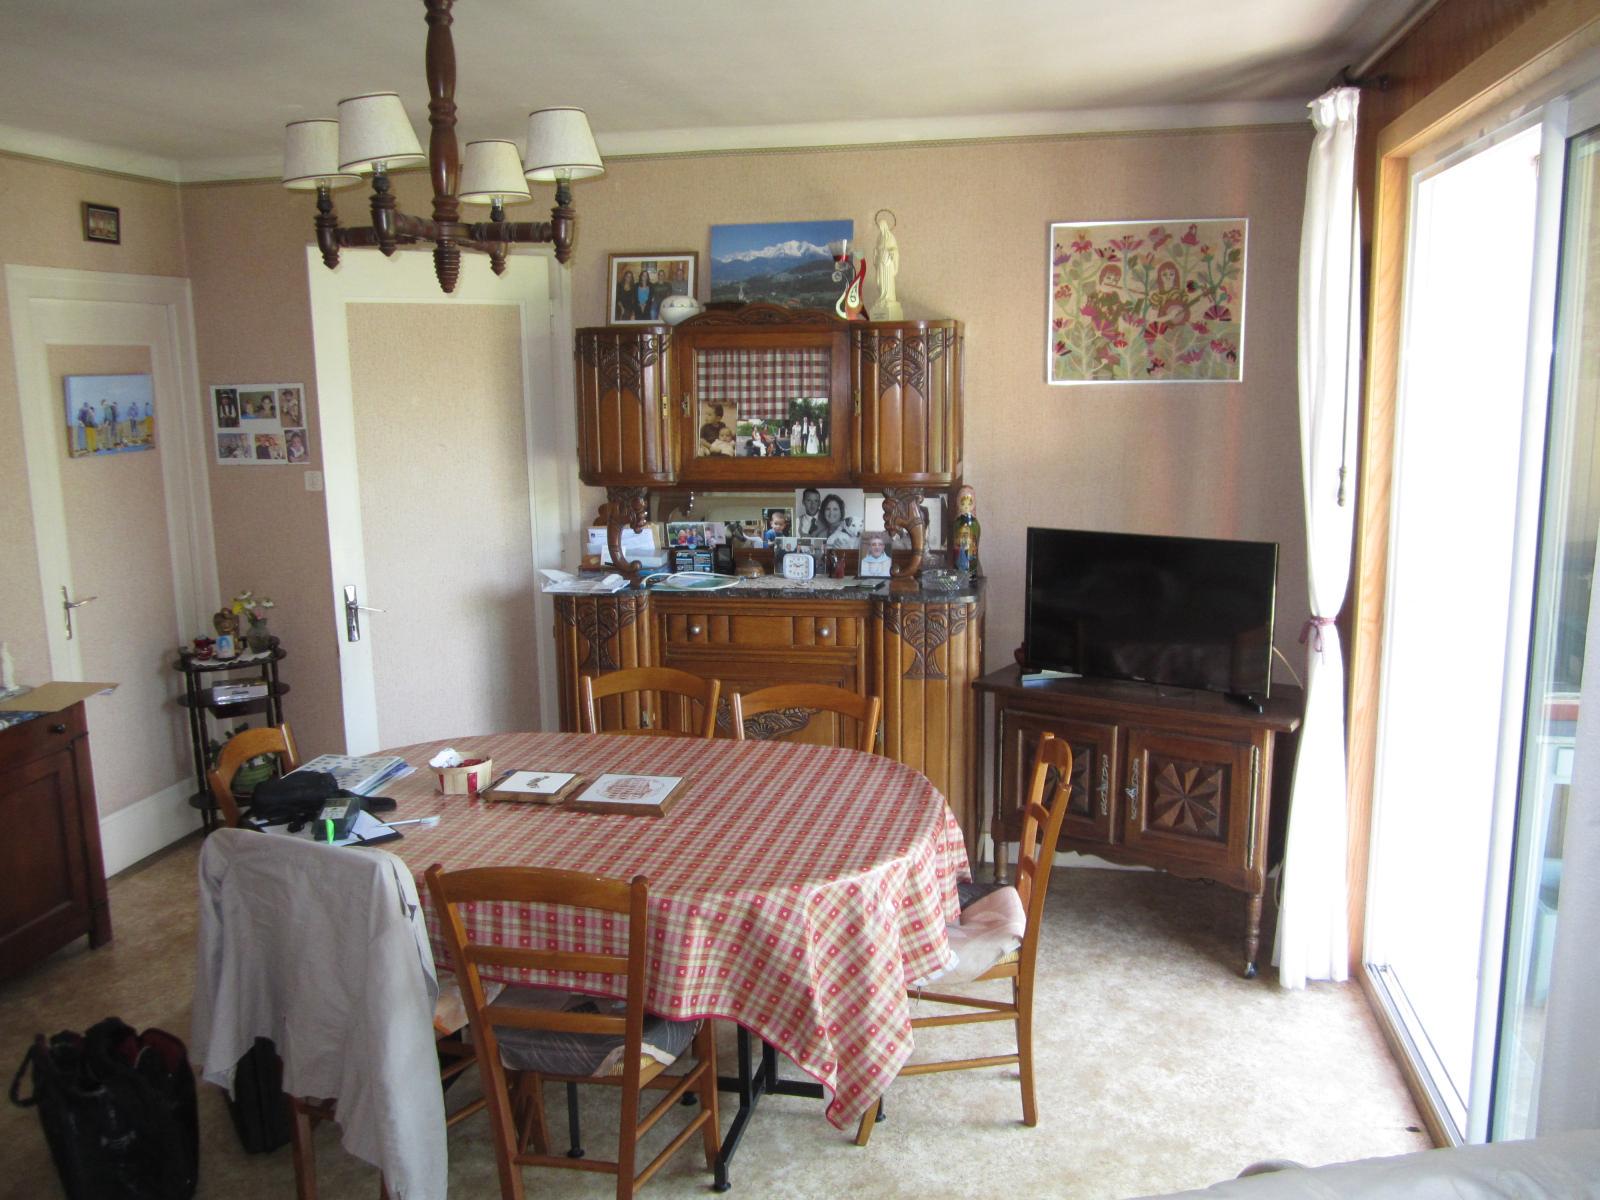 EXCLUSIVITE St Julien-en-Genevois Mignonne Maison de ville...VENDU PAR LE CABINET